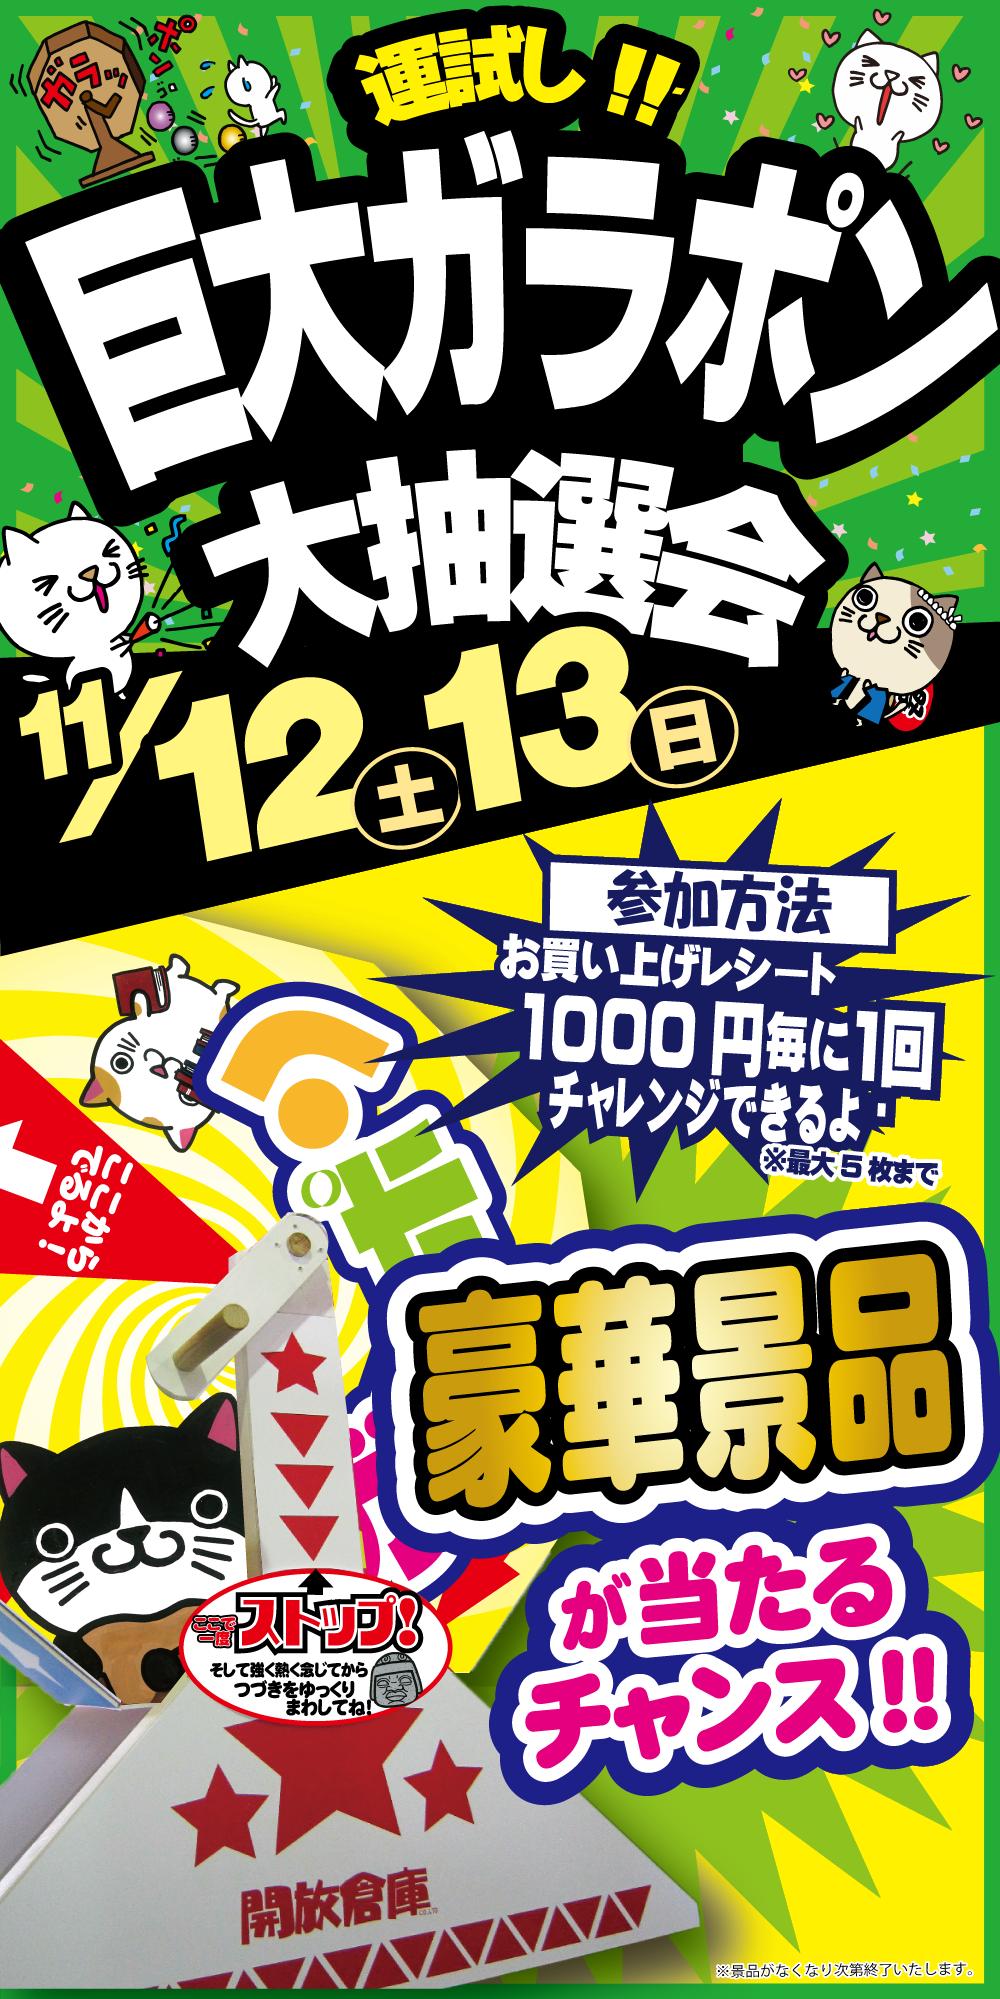 「開放倉庫桜井店」11/12(土)・13(日)の2日間限定で運試し!!巨大ガラポン大抽選会!